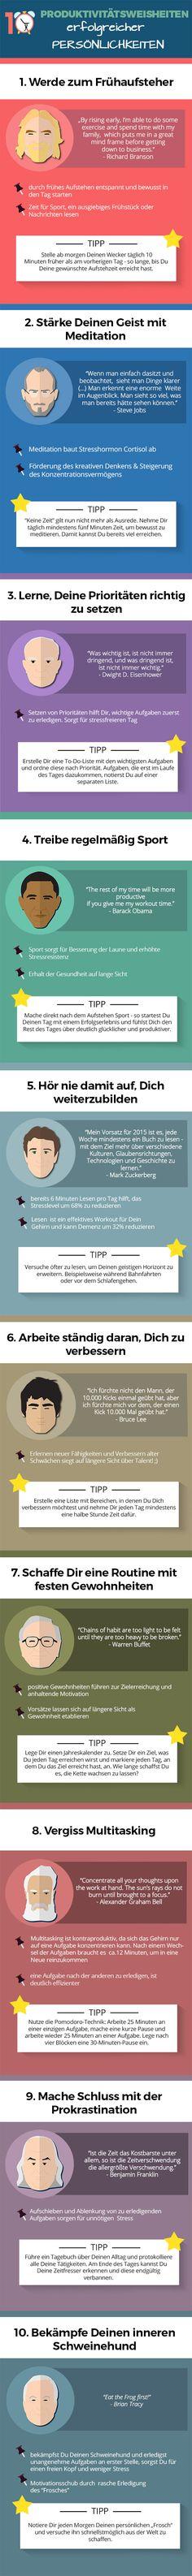 Super #Tipps und #Zitate für die #Produktivität!